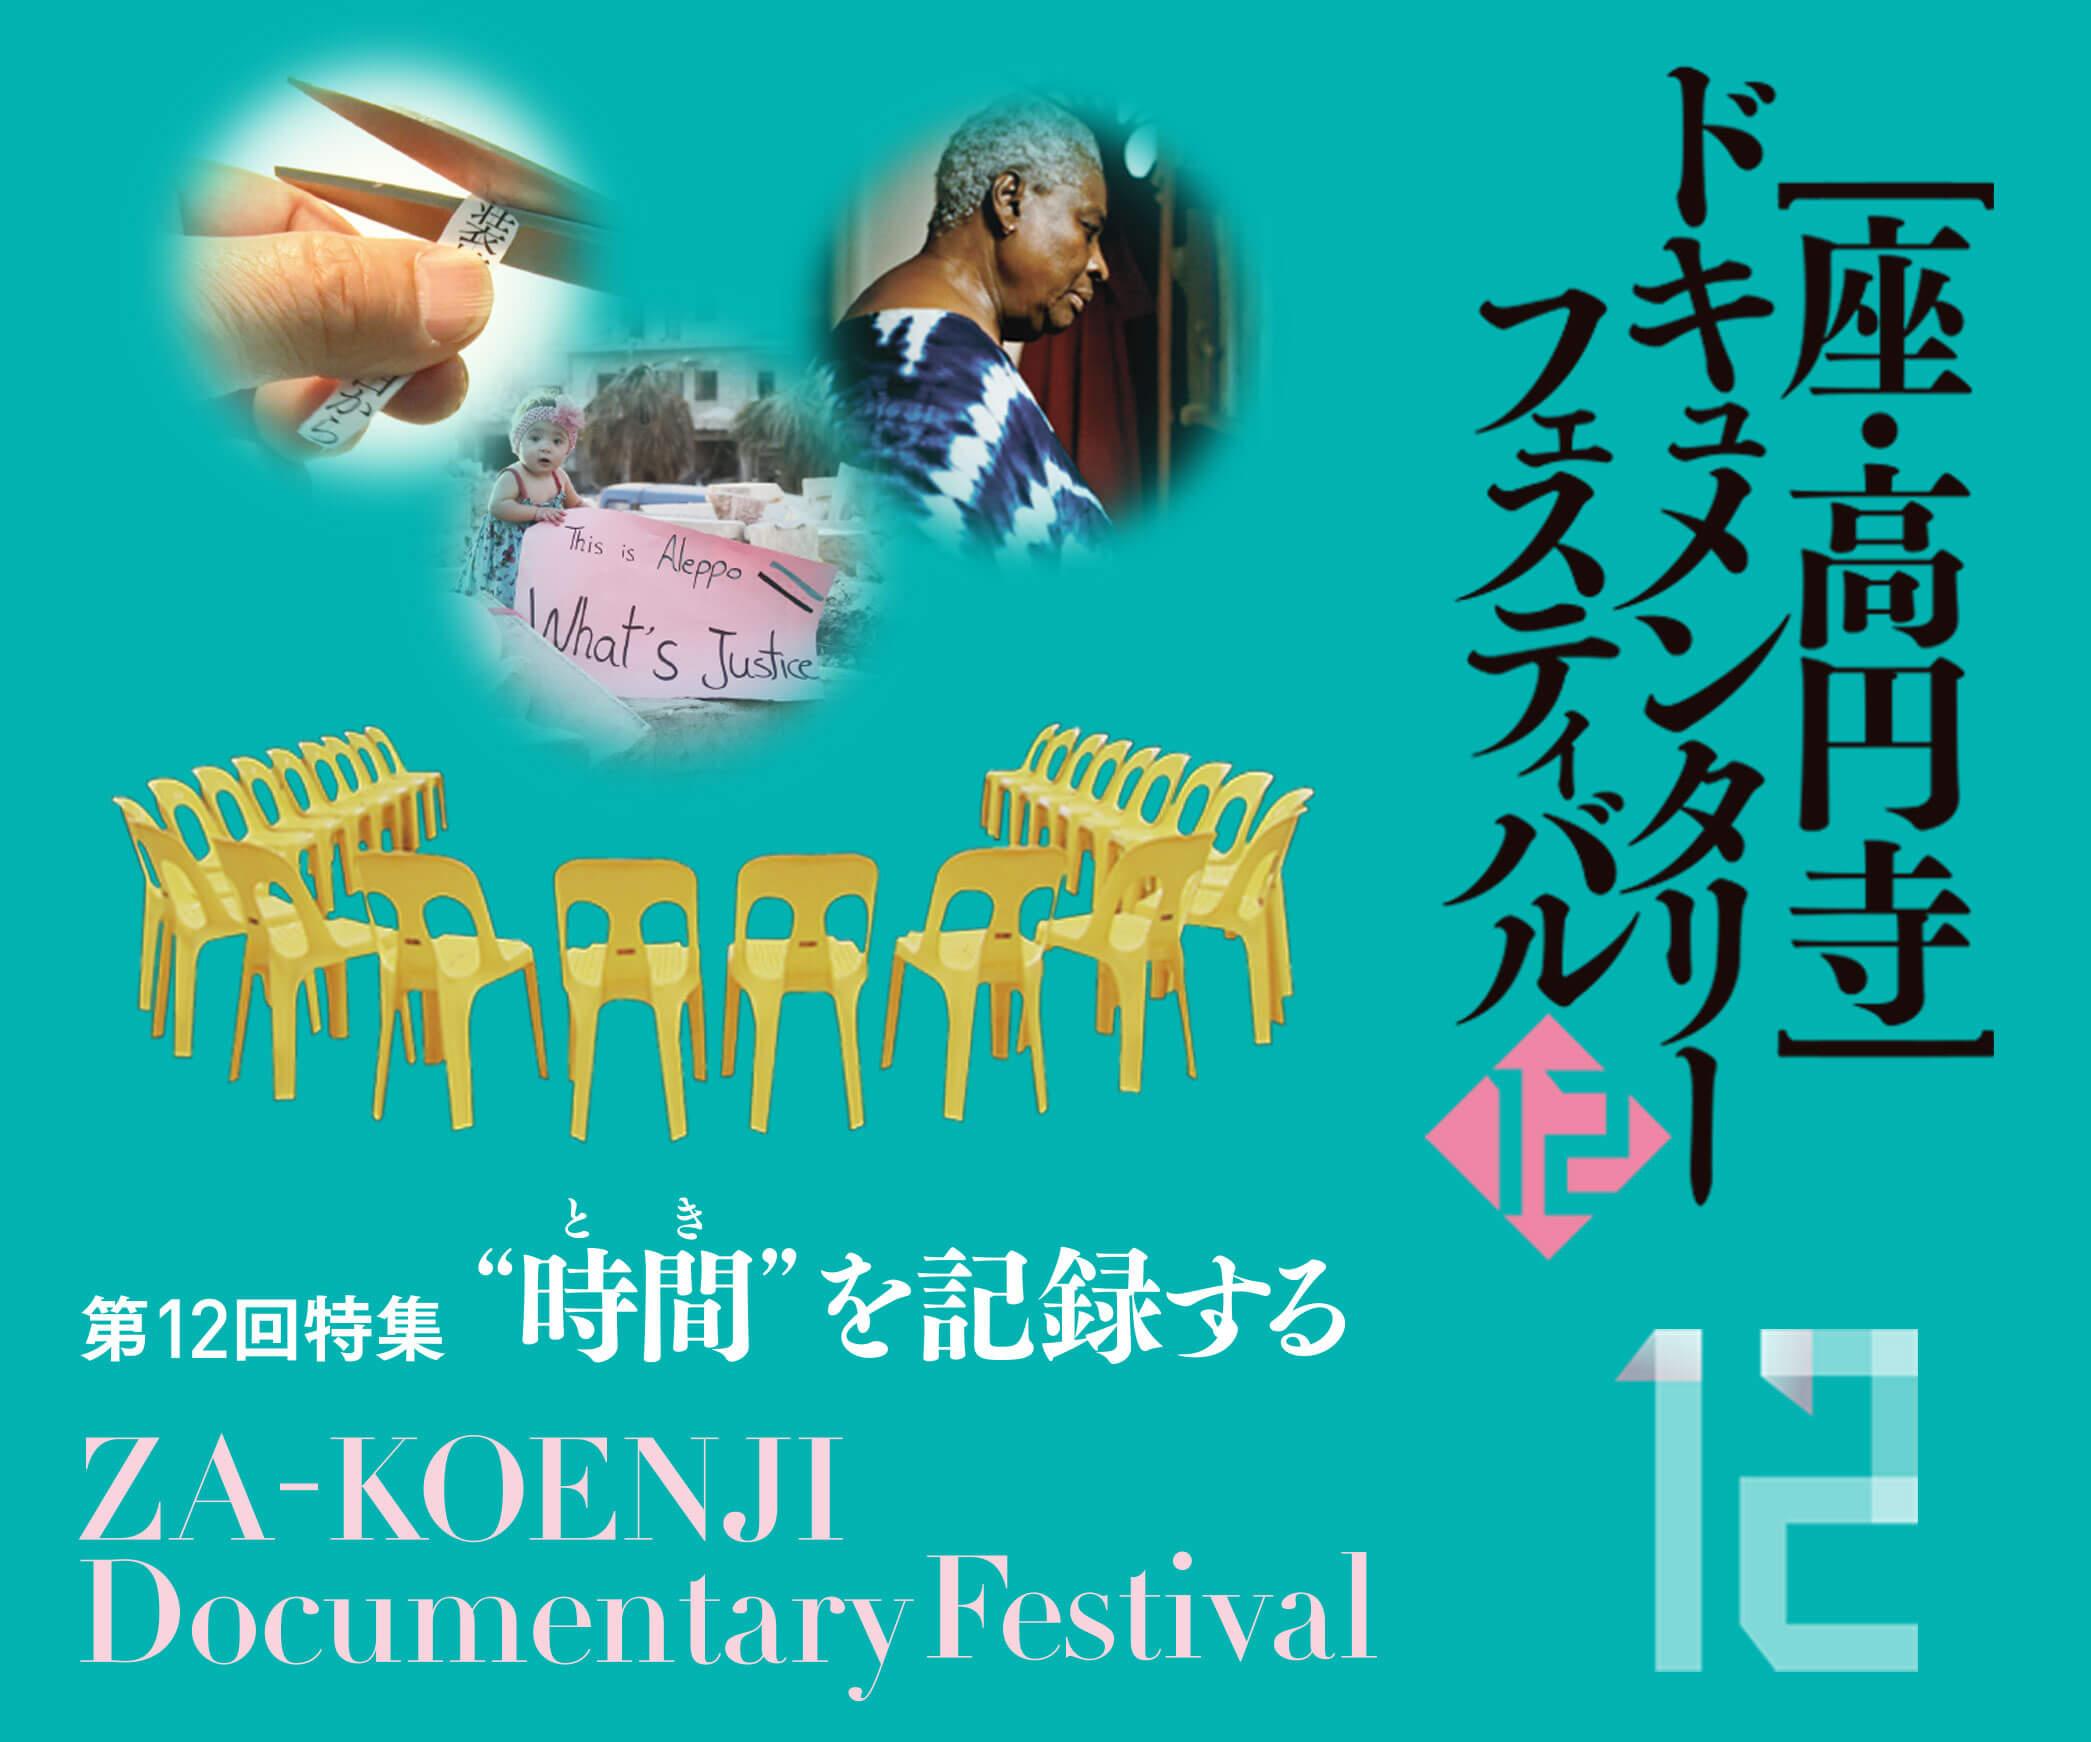 第12回 座・高円寺ドキュメンタリーフェスティバル